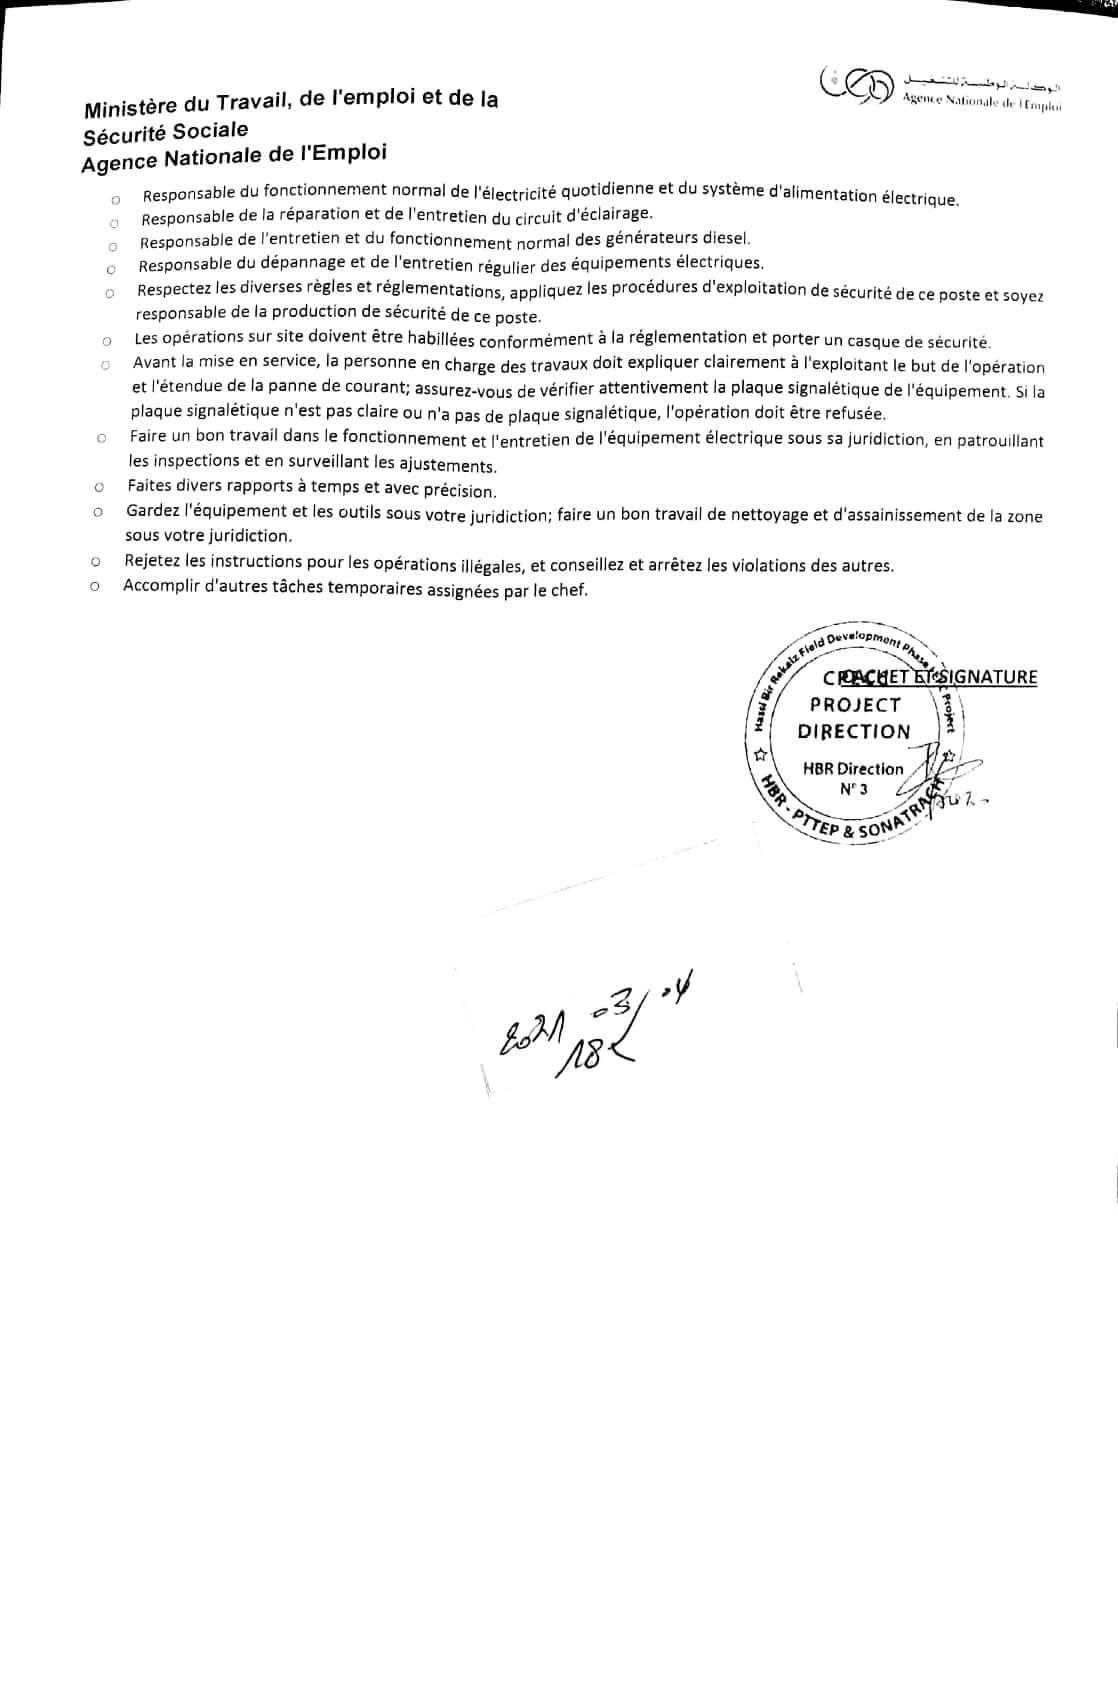 اعلان توظيف بشركة CDCEC ليوم 08 مارس 2021